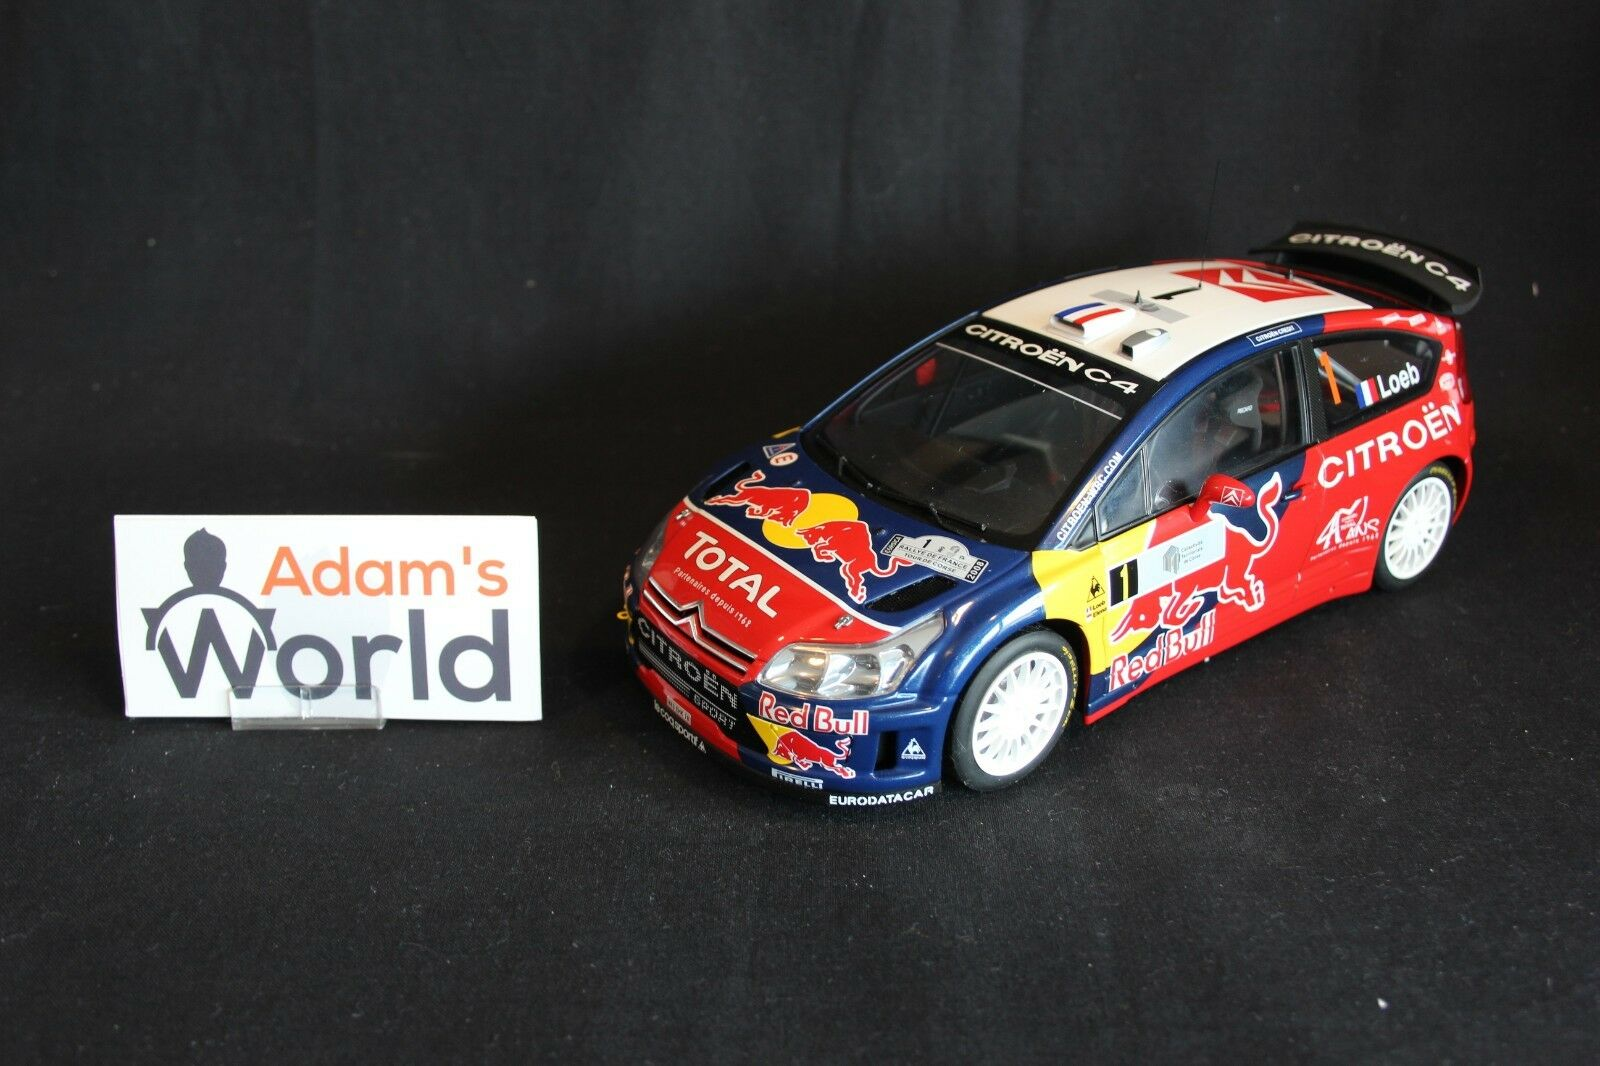 AutoArt Citroën C4 WRC 2008 1 18  1 Loeb    Elena Tour de Corse (JvdM)  économiser jusqu'à 50%